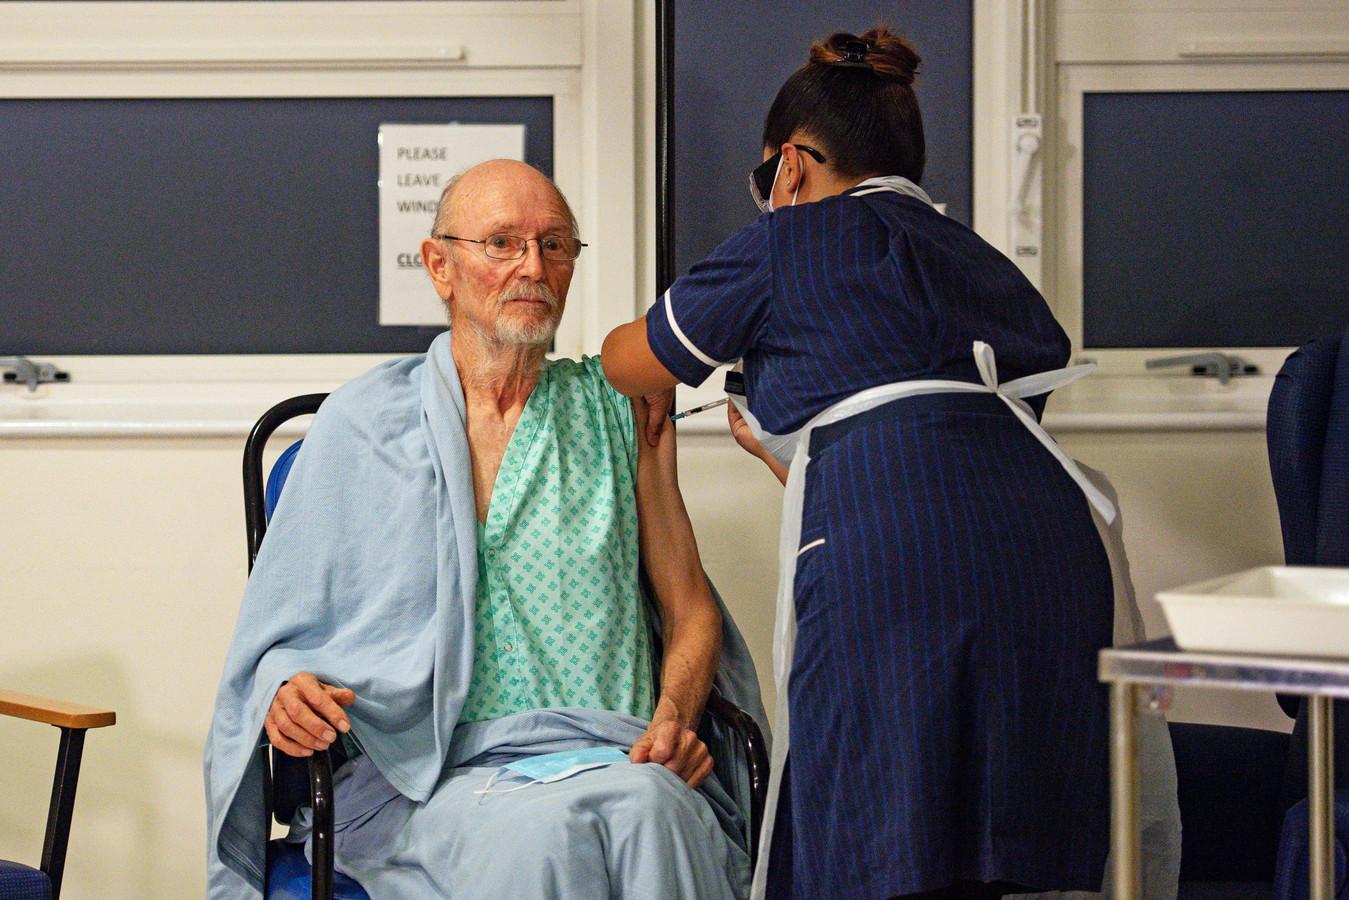 De hedendaagse 'Bill' William Shakespeare uit Warwickshire was in december 2020 de tweede persoon in de wereld die het Pfizer/BioNTech-vaccin tegen het coronavirus kreeg toegediend.